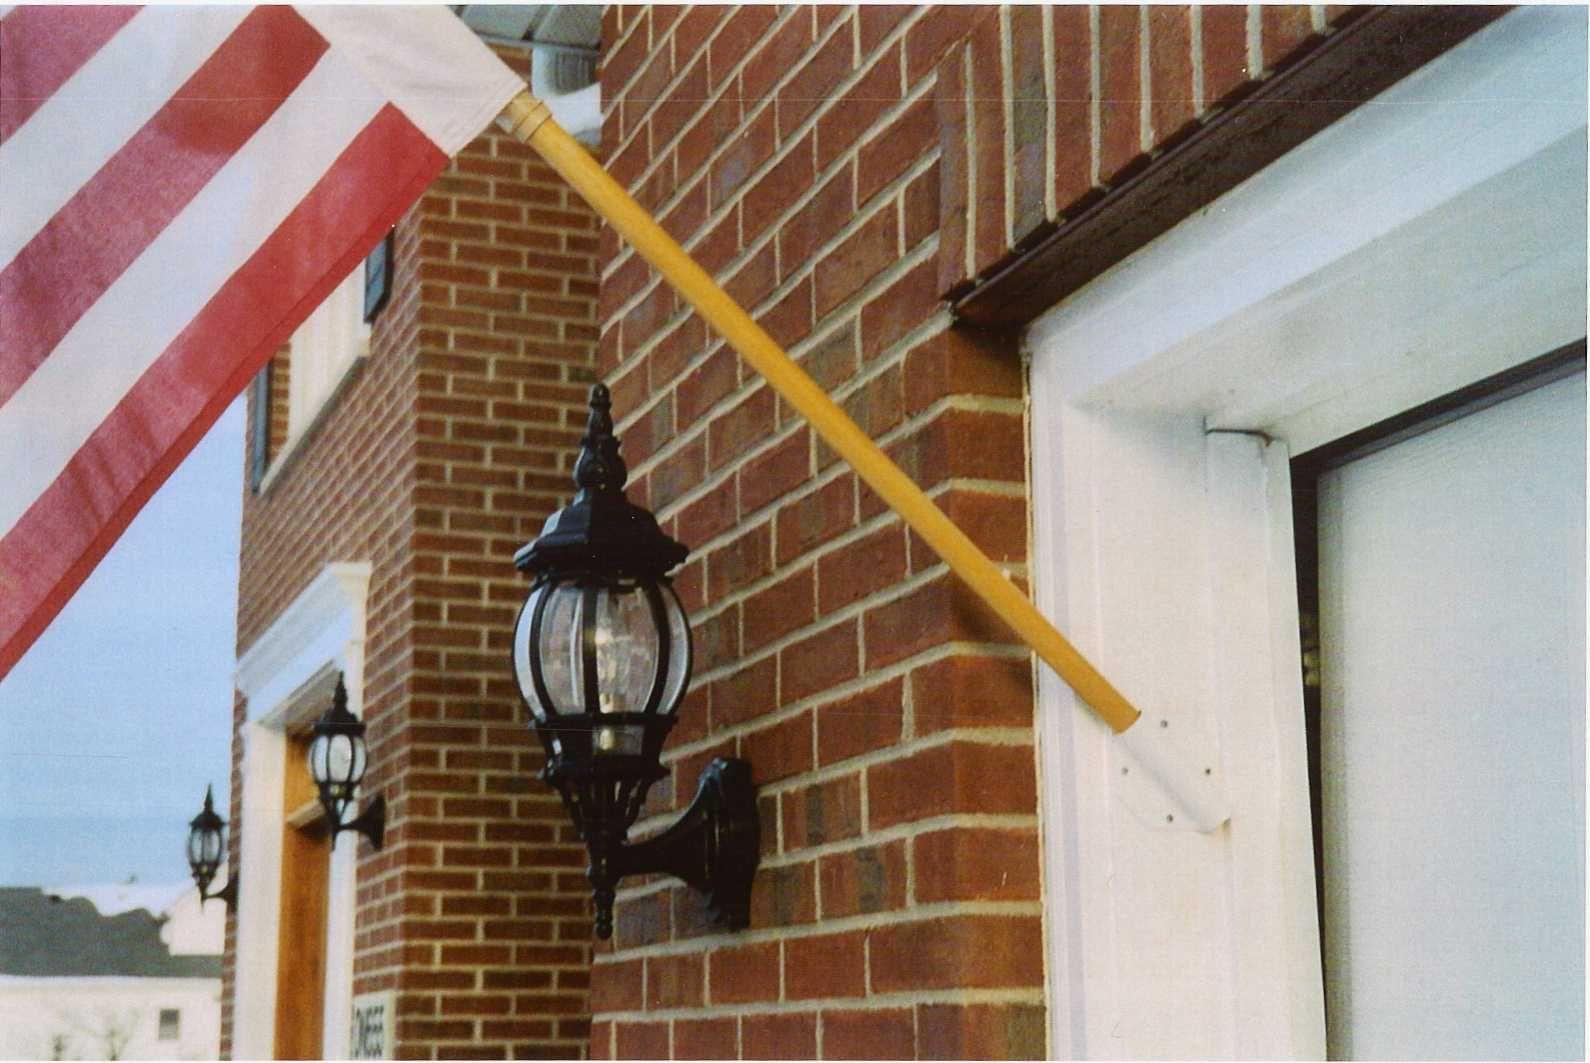 Flagpole Holder Flagpole Holders Flag Brackets Flagpole Bracket Flagpole Brackets Flag Holder Flag Holders House Flag Pole Flag Holder Flag Pole Bracket